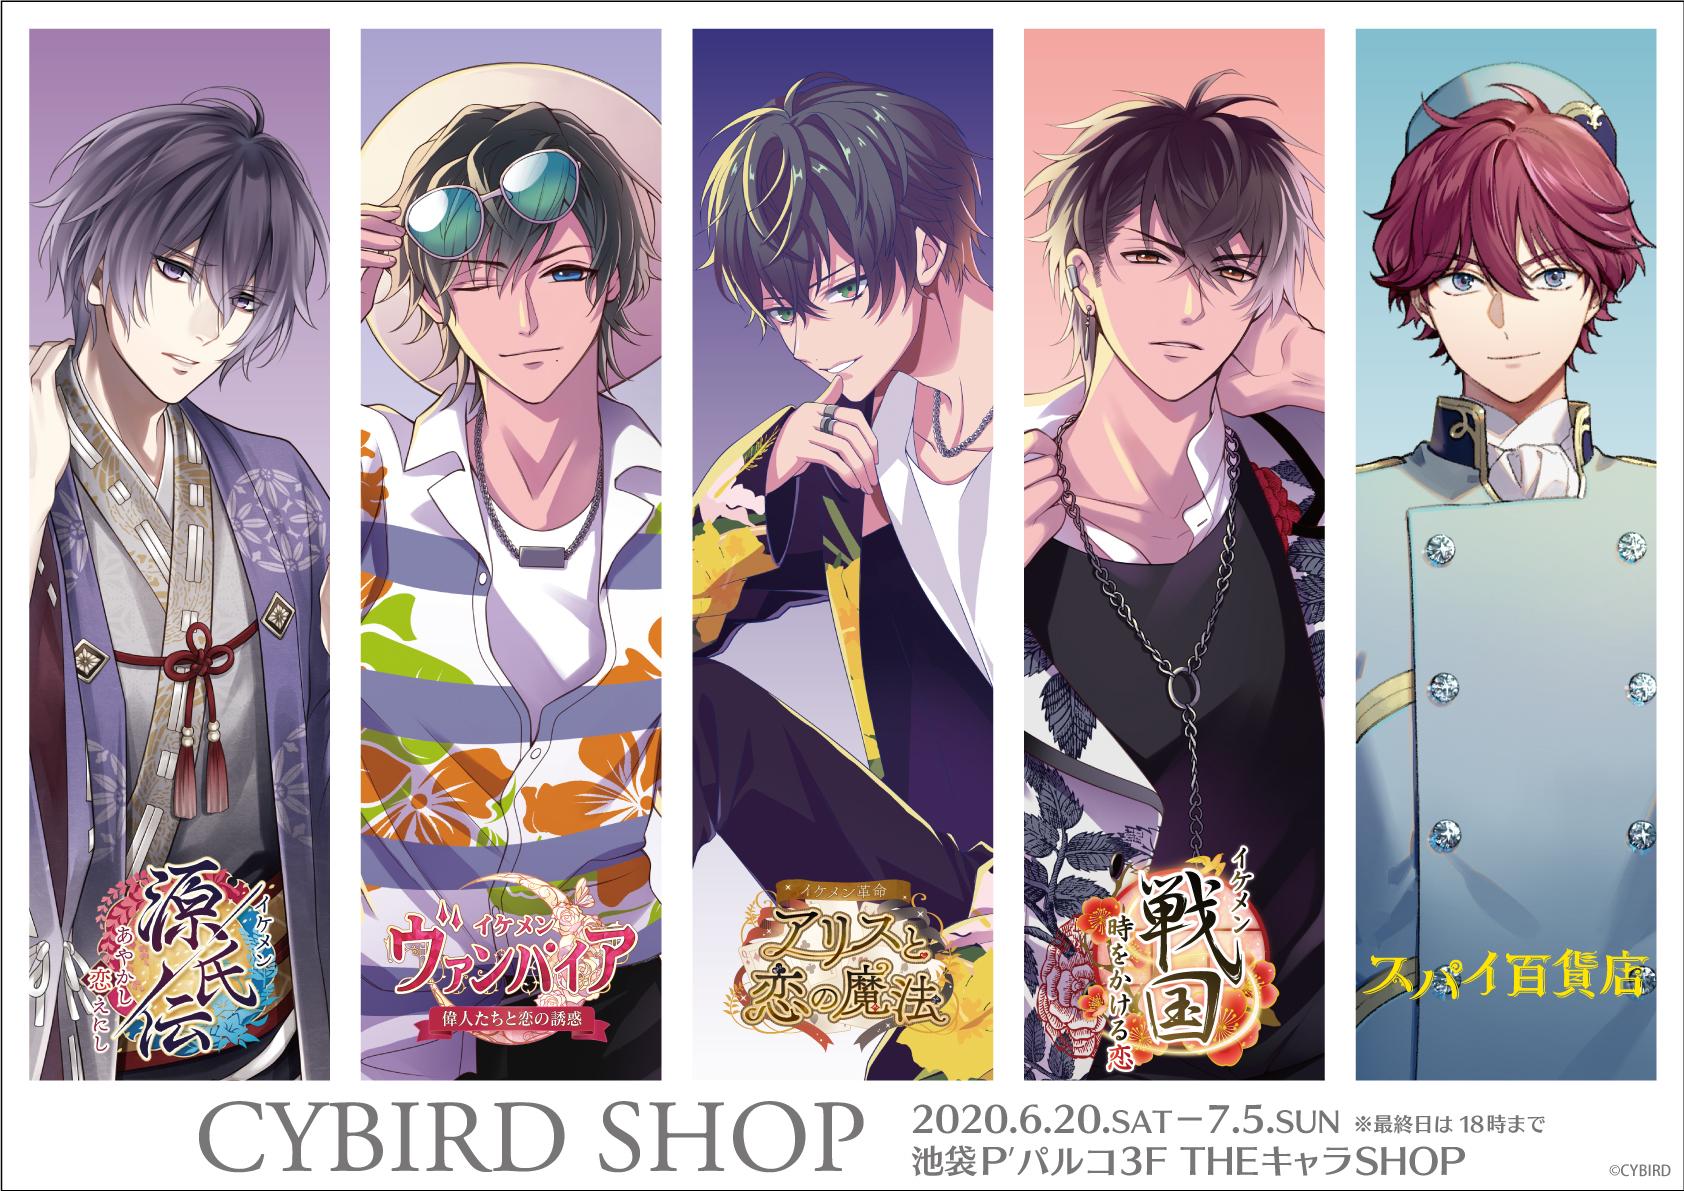 5タイトル合同の期間限定CYBIRD SHOPの開催が決定!